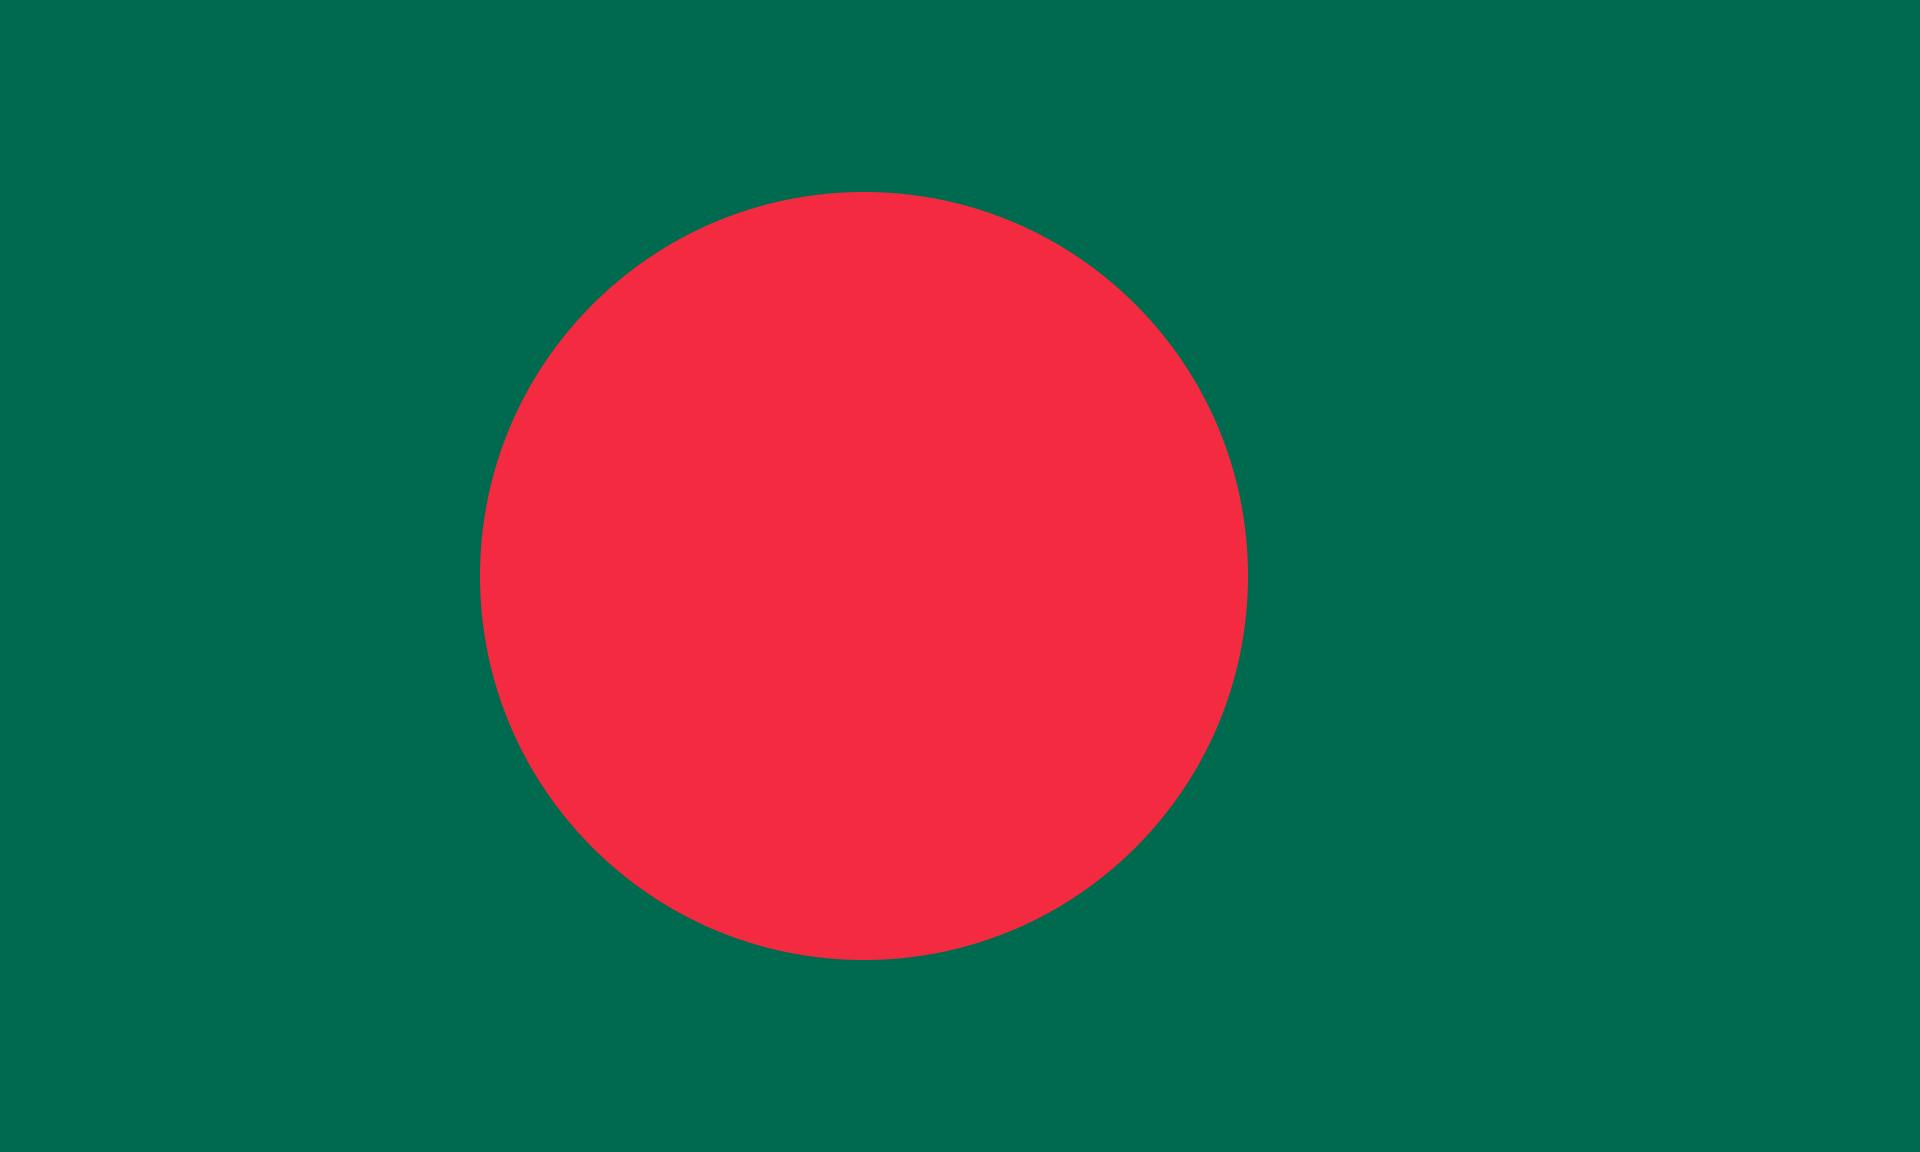 Traductores jurados oficiales bengalí